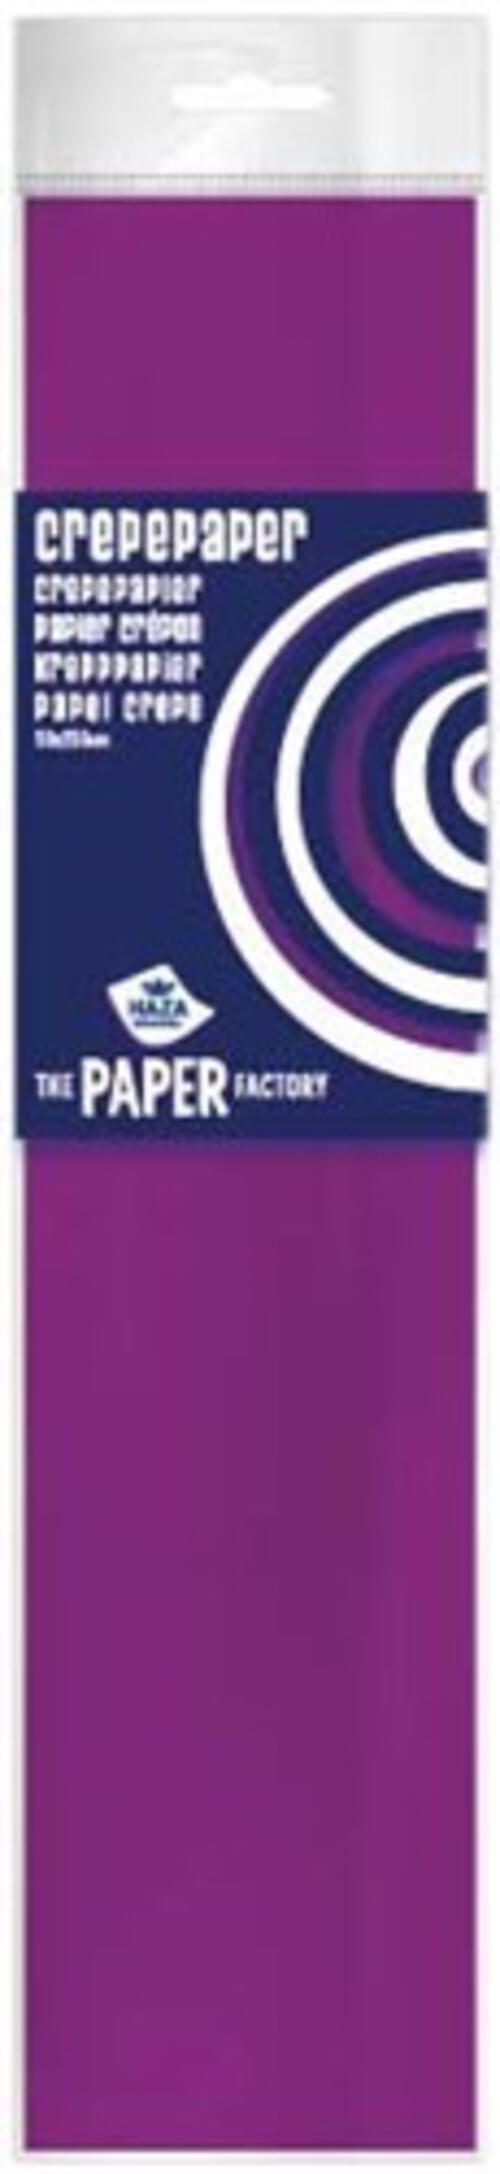 Crepe Paper Cyclamen  10pk